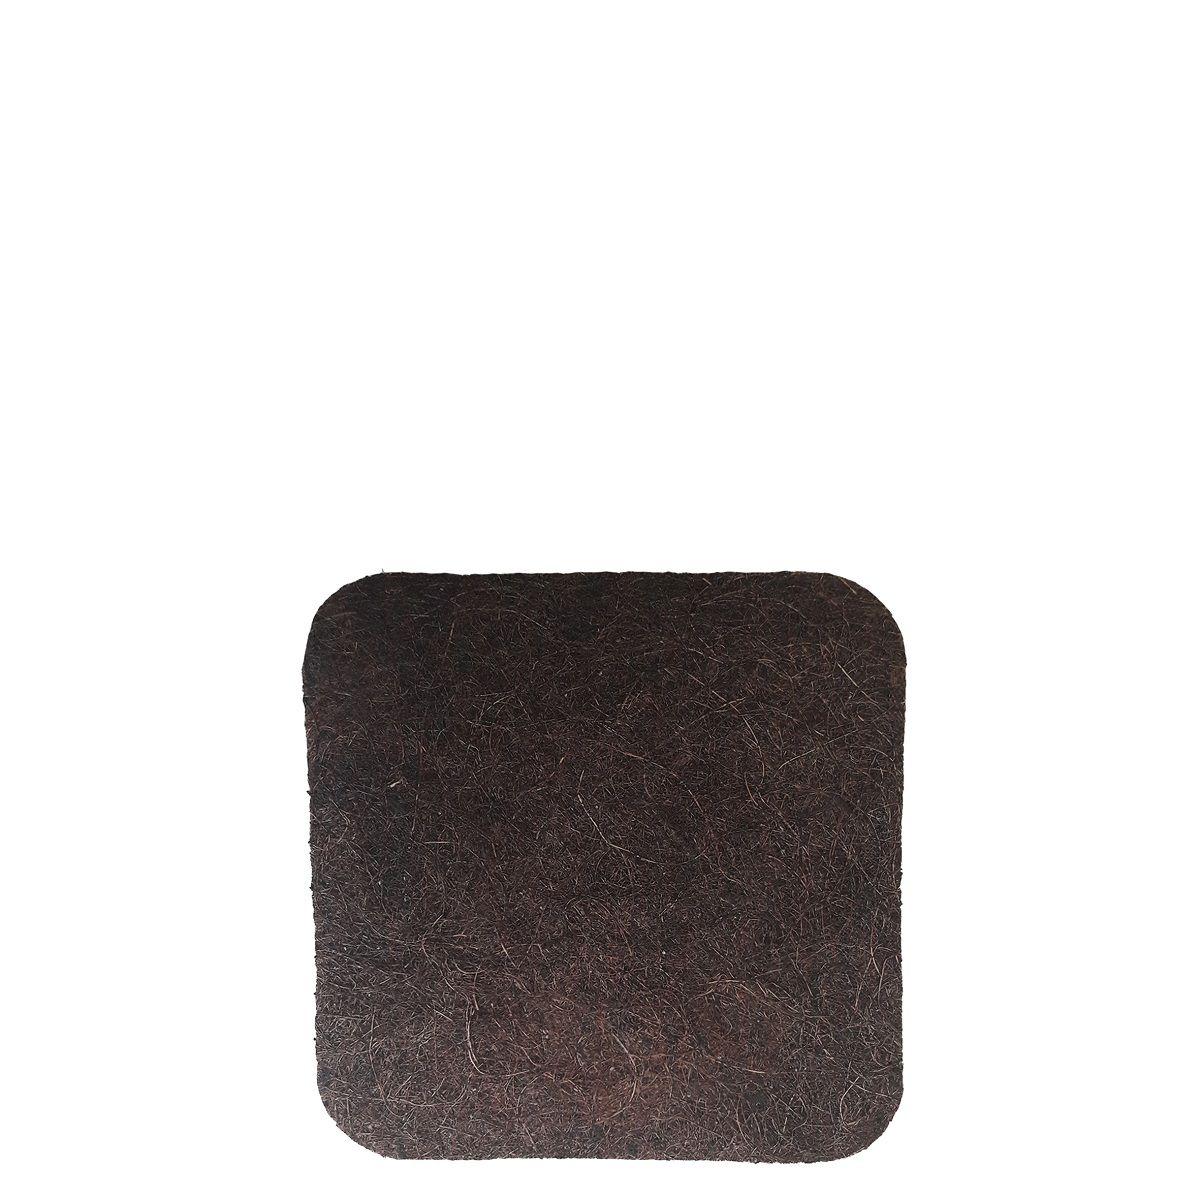 Placa Coquim 20X20cm em Fibra de Coco - COQUIM